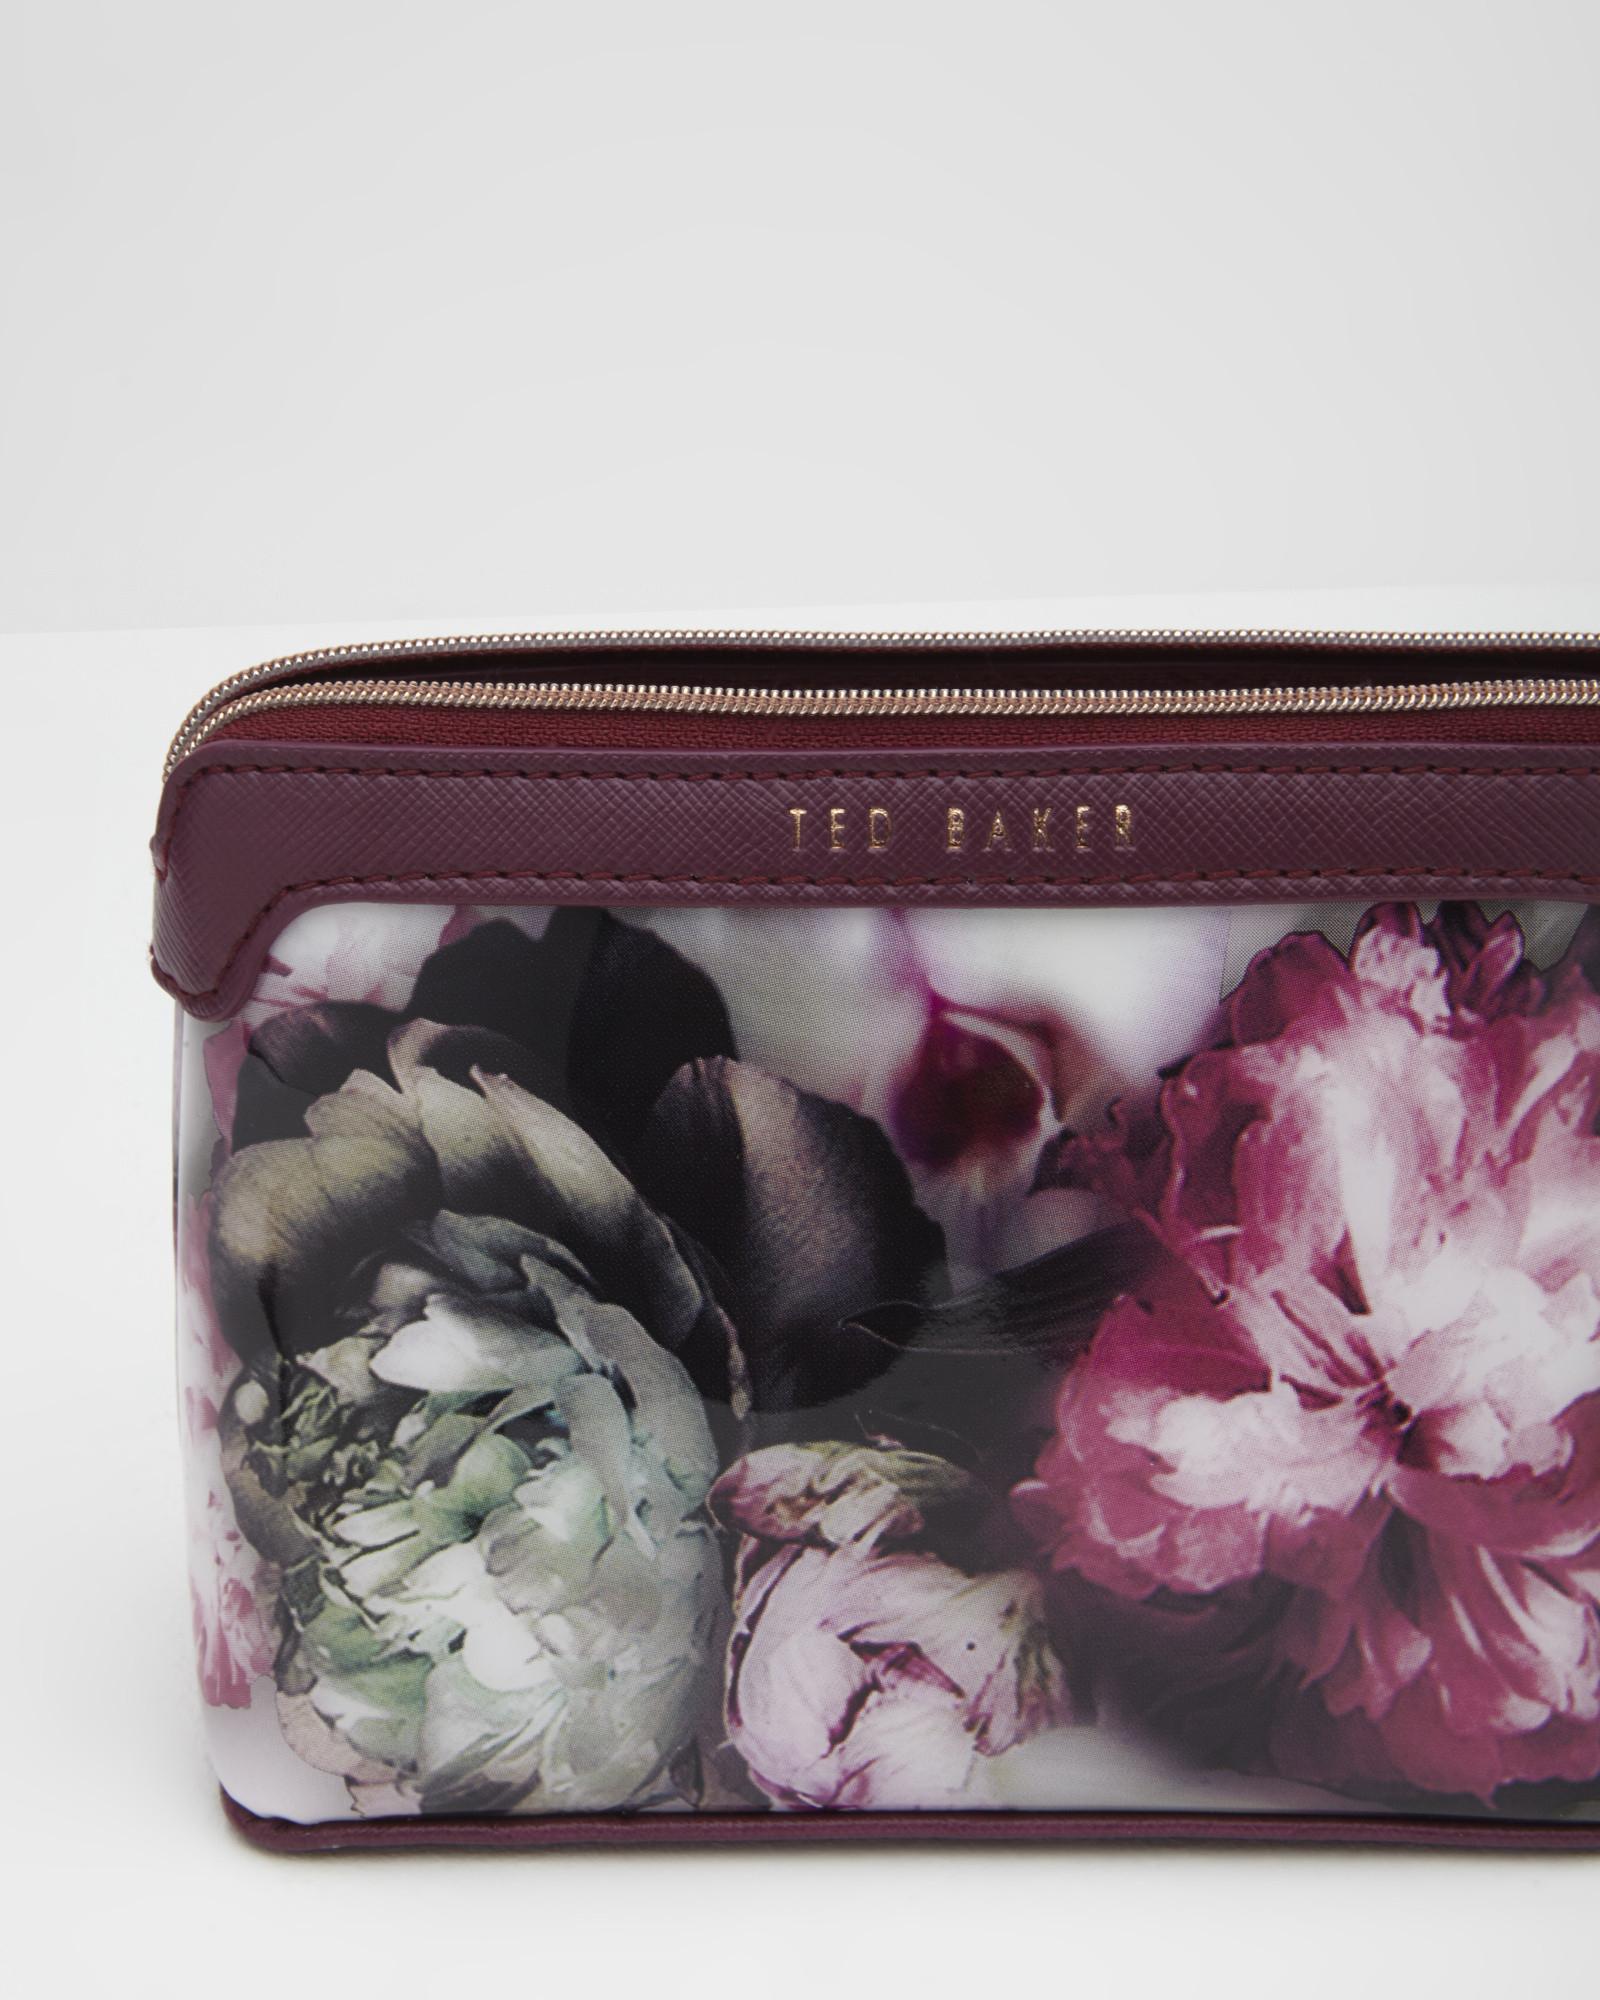 c69381029 Ted Baker Pale Pink Makeup Bag